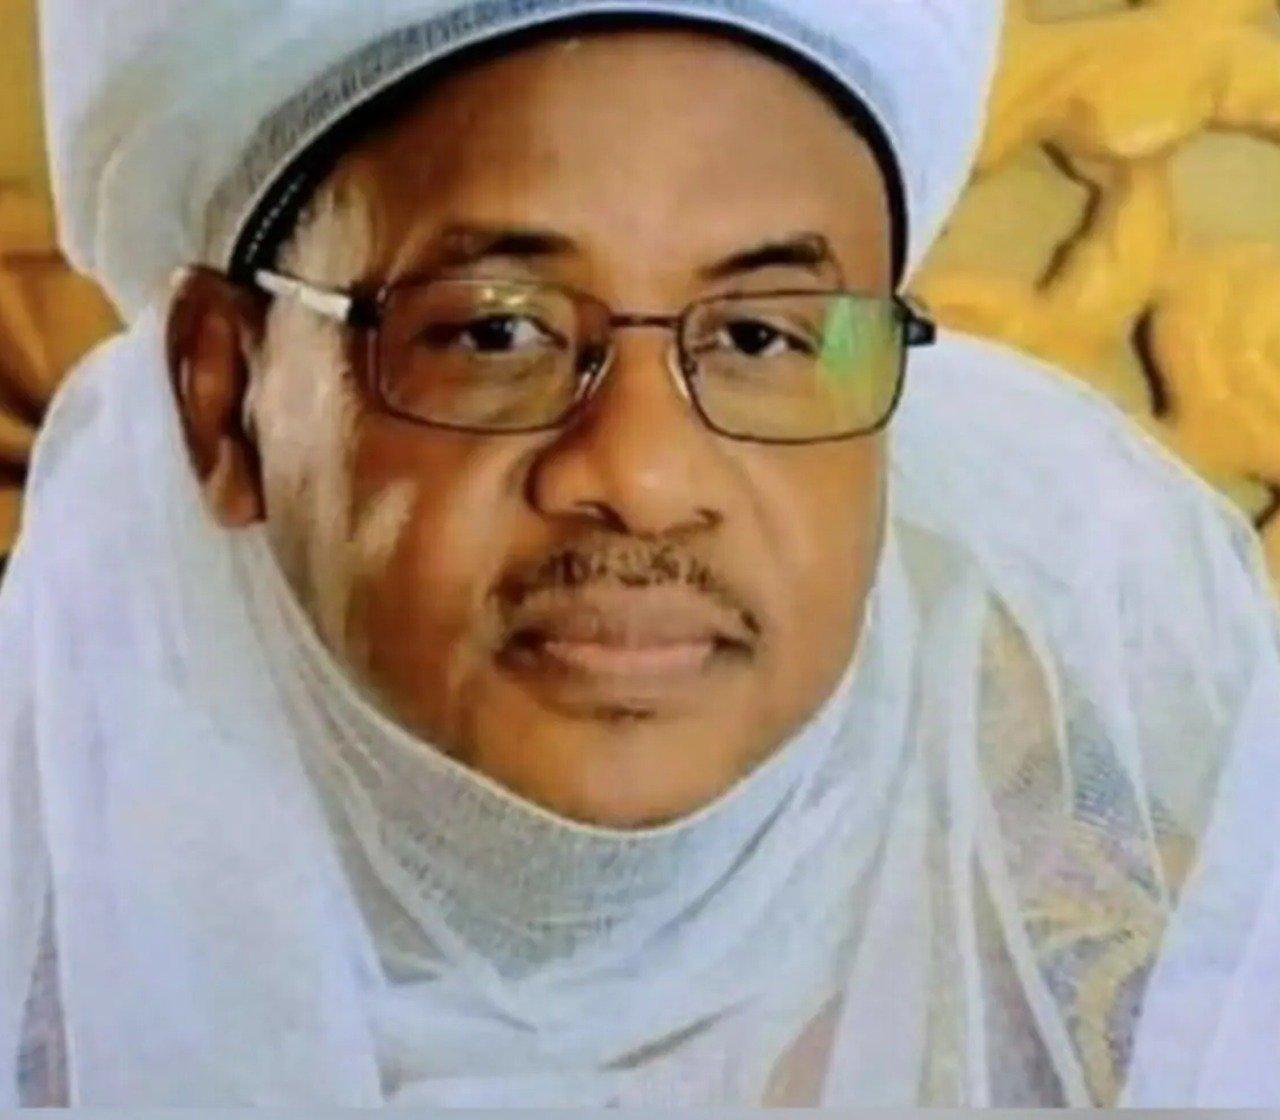 Gunmen kidnap Zamfara Emir along Kaduna-Abuja highway